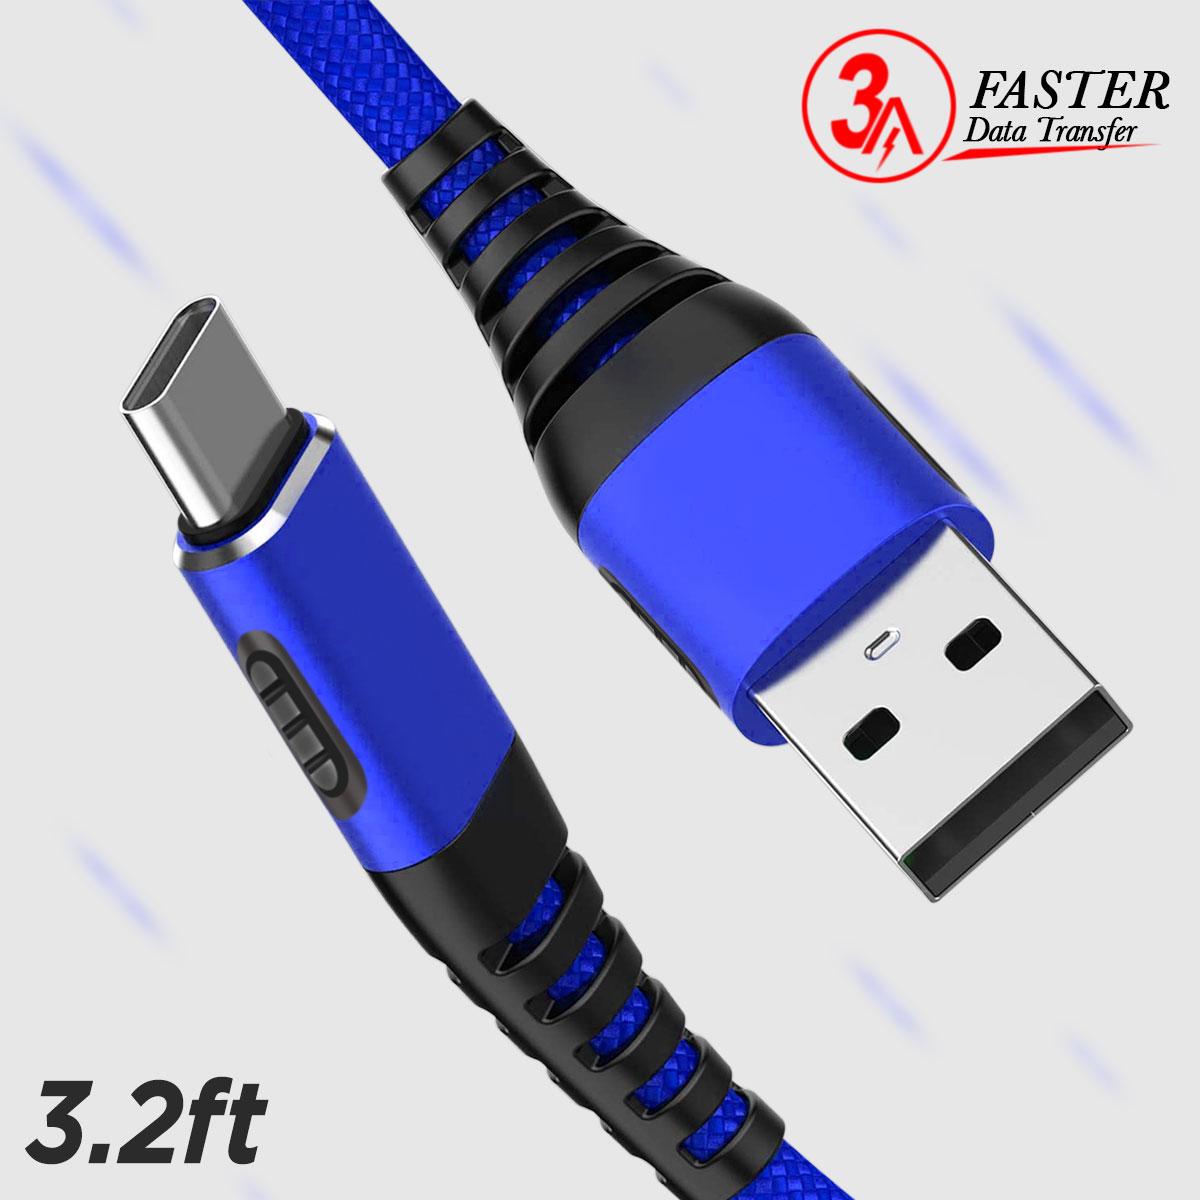 1M-CNB13-TYP-C-USB-BL